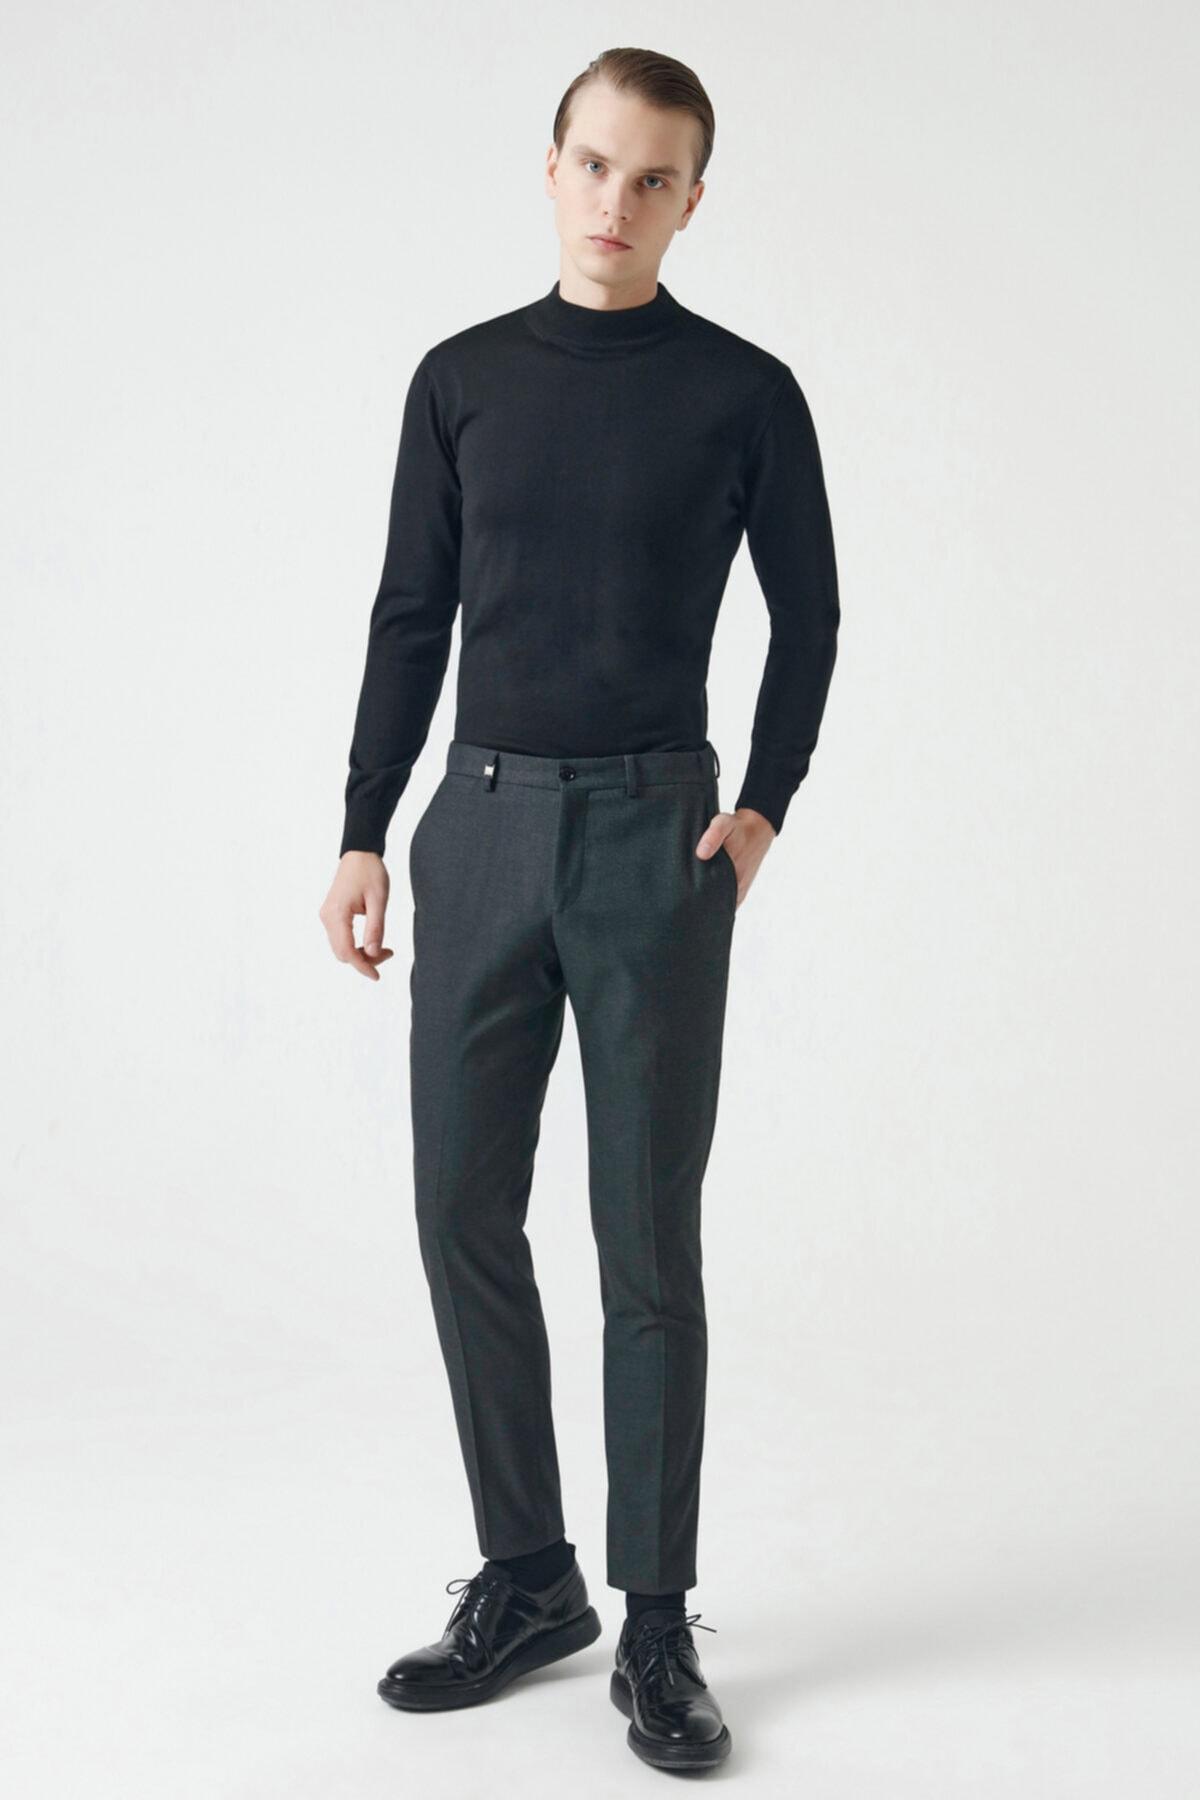 D'S Damat Tween Slim Fit Antrasit Kumaş Pantolon 1